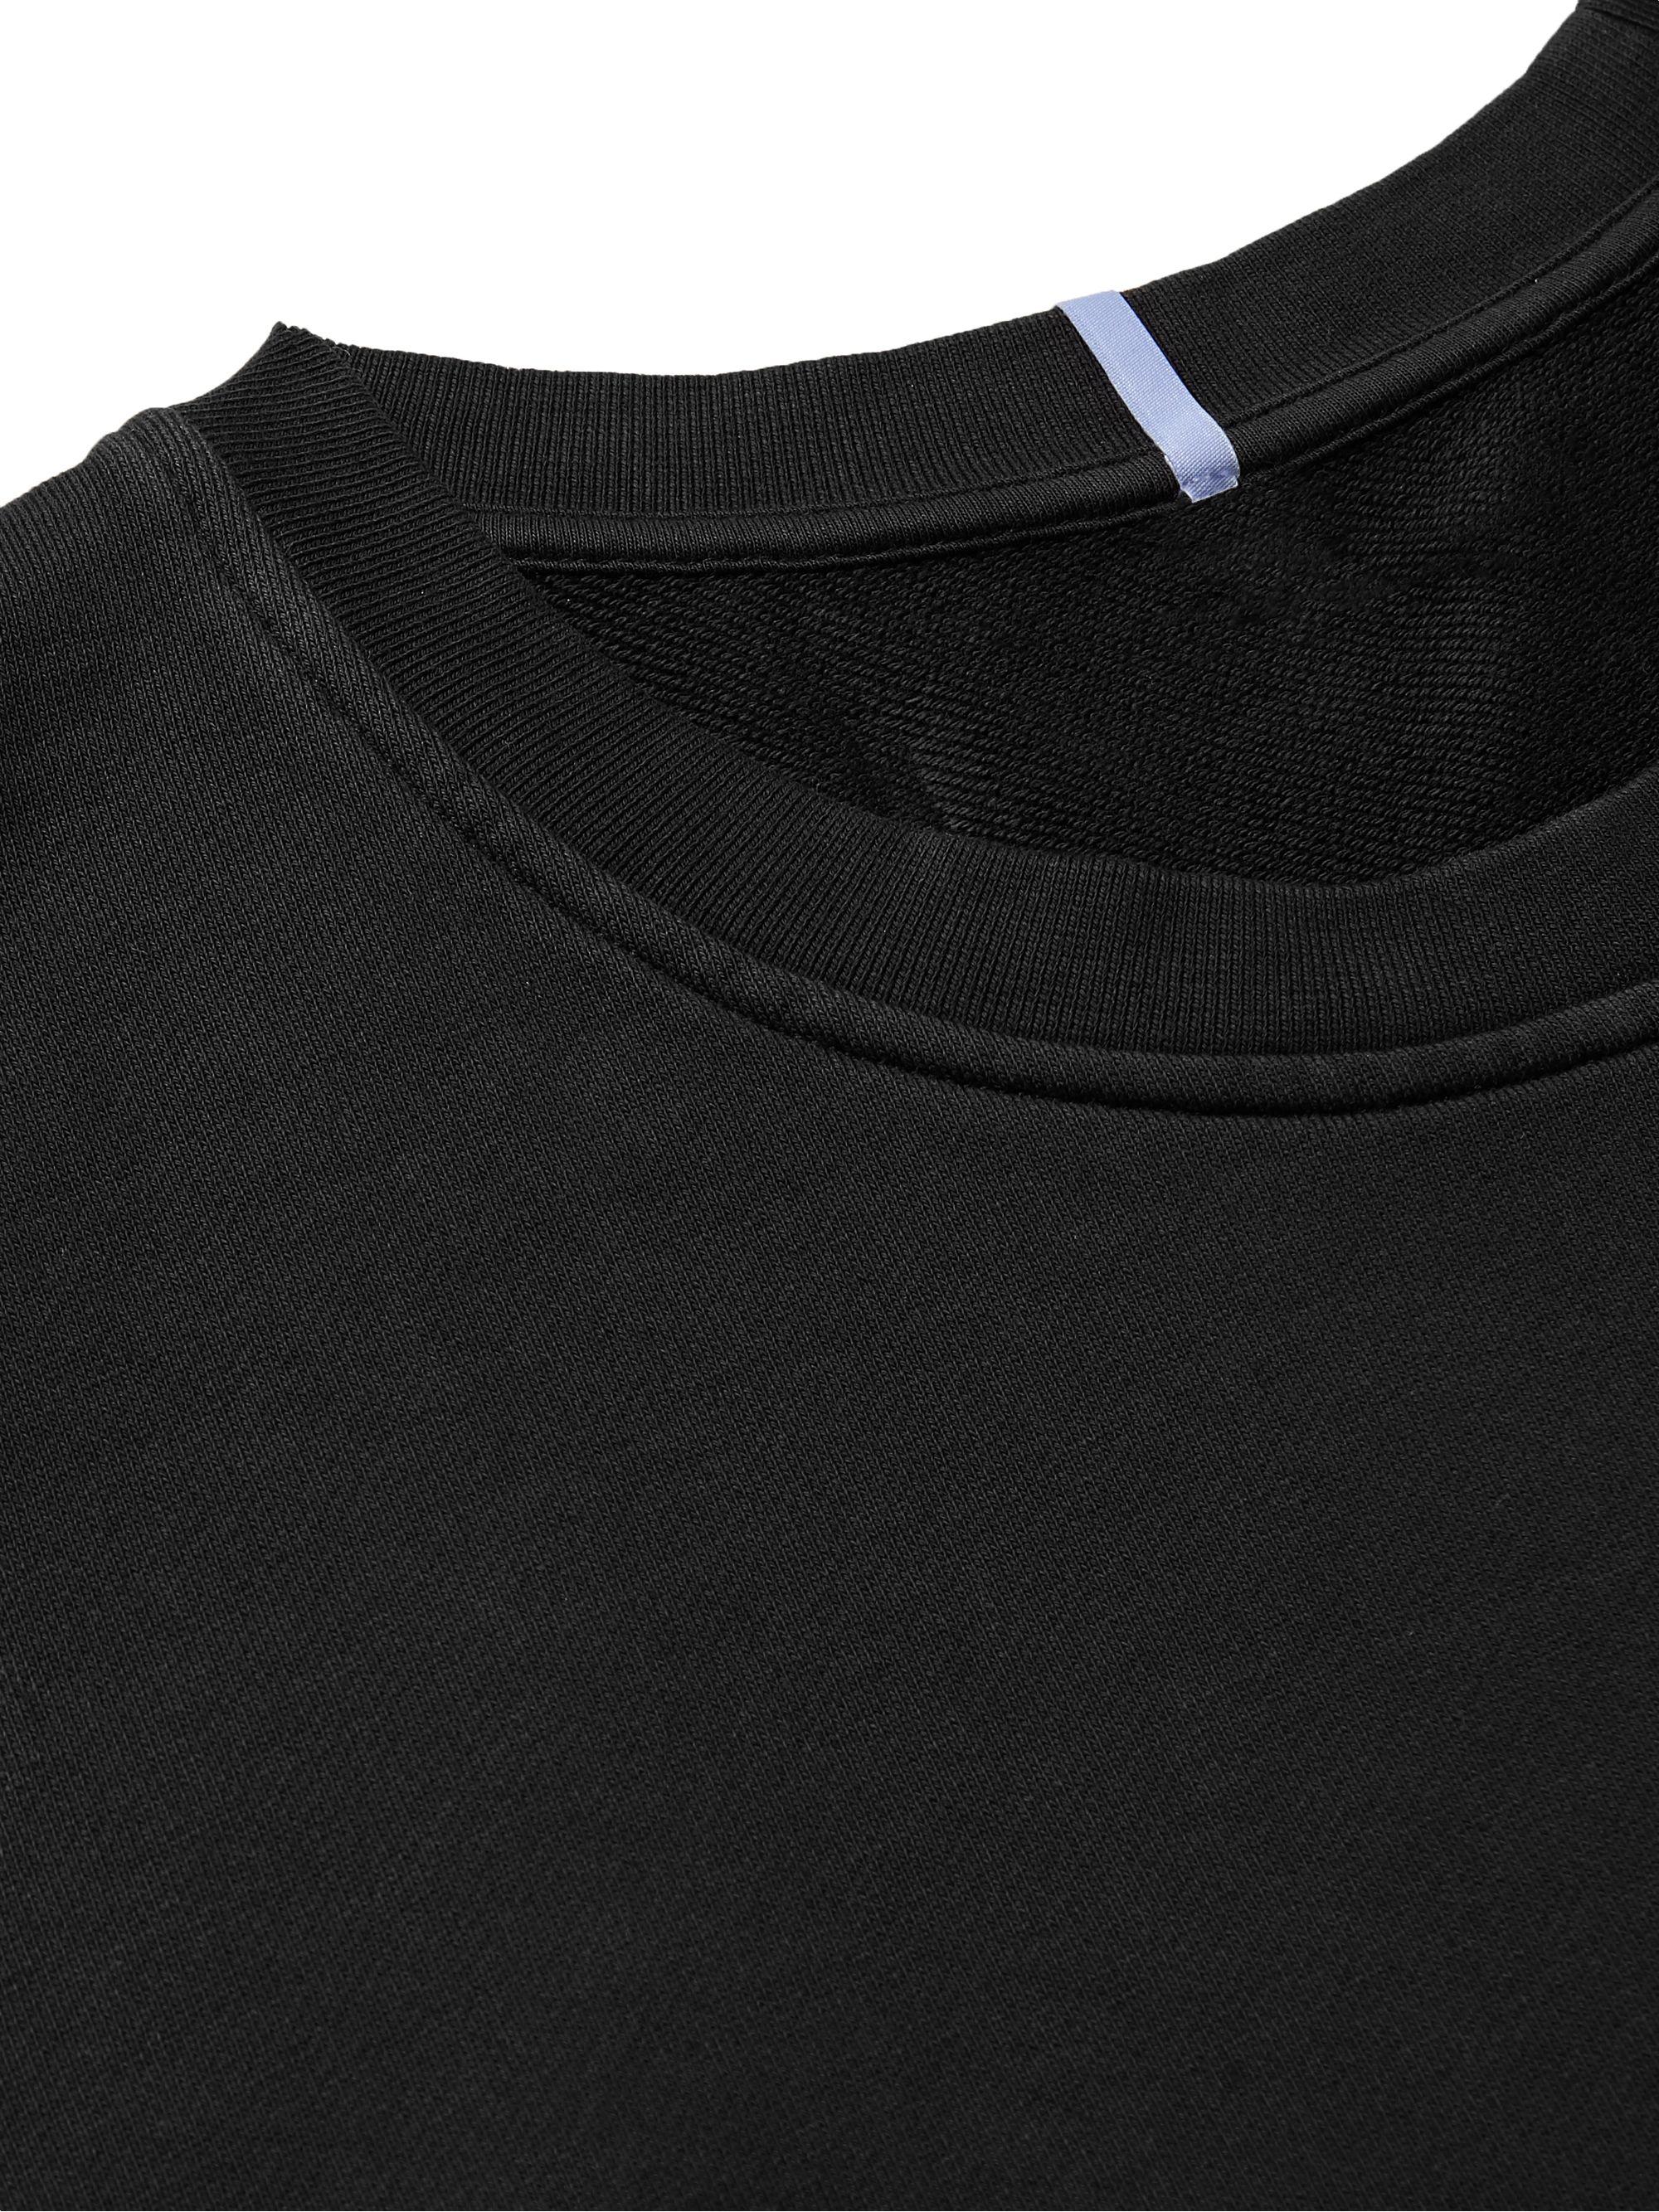 Black Appliquéd Embroidered Cotton-jersey Sweatshirt   Mcq